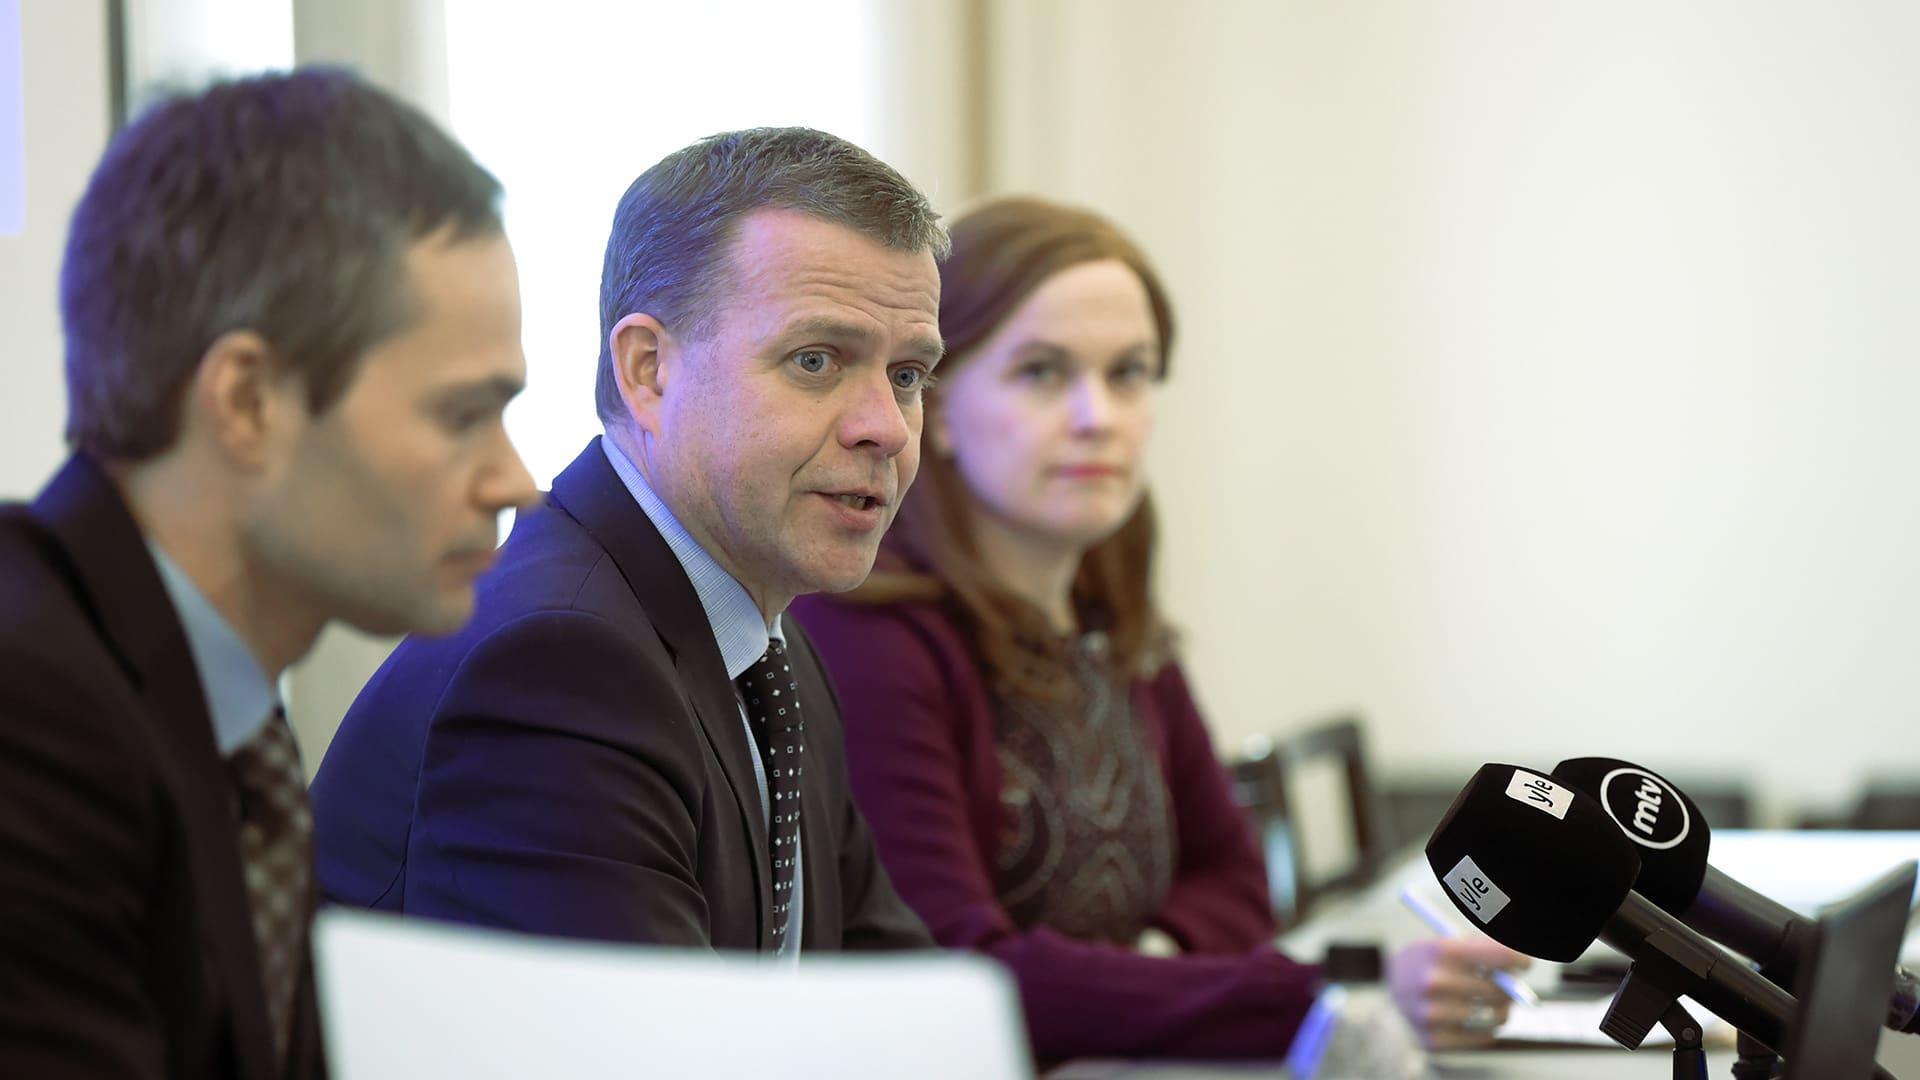 Kokoomuksen kansanedustaja Kai Mykkänen (vas.) ja puheenjohtaja Petteri Orpo ja varapuheenjohtaja Mari-Leena Talvitie kertoivat puolueen ehdotuksesta terrorismia koskevan lainsäädännön kiristämiseksi mediatilaisuudessa Helsingissä 25. helmikuuta.